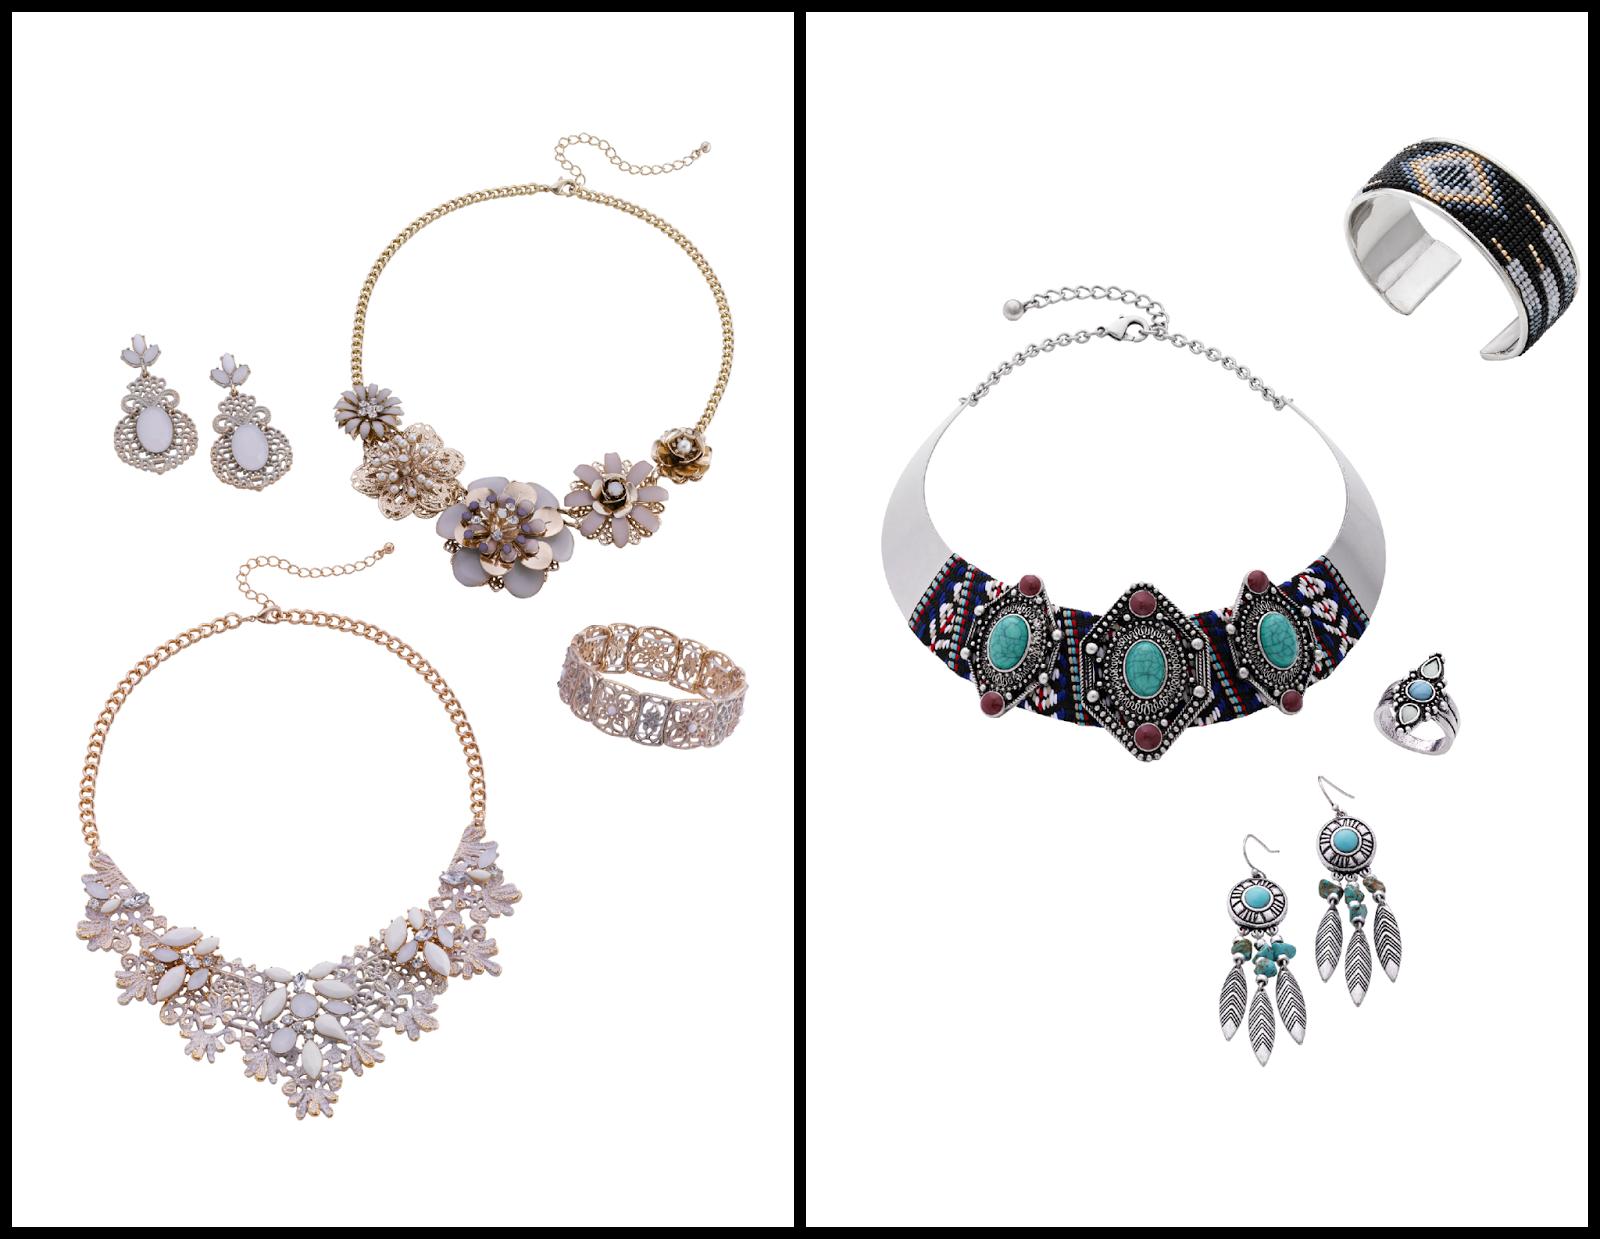 ¿Qué te parece la nueva colección de Bijou Brigitte? ¿Ya has elegido tu estilo?